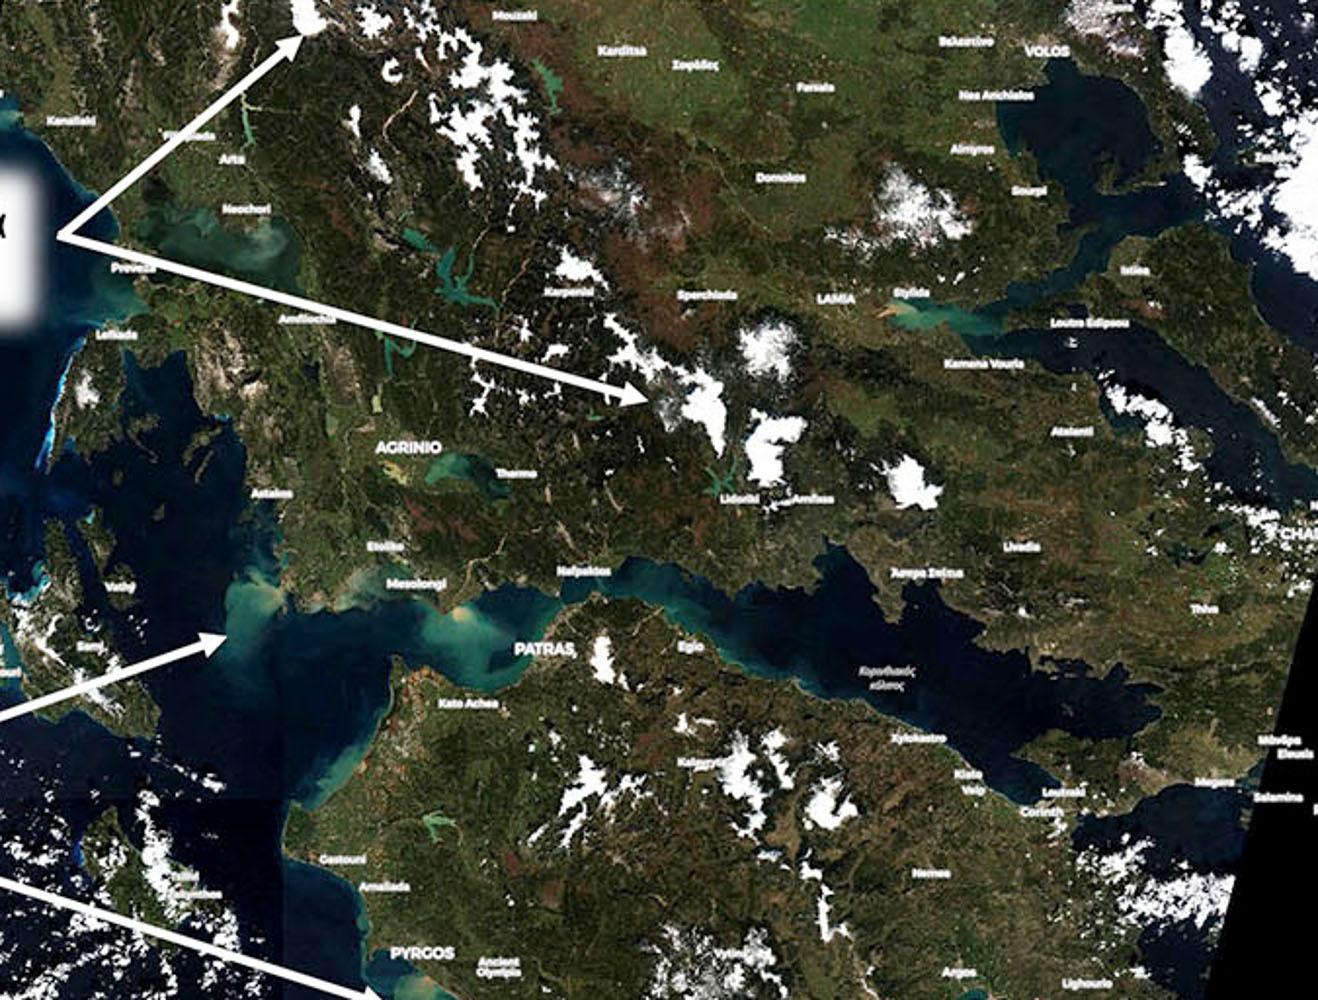 Κακοκαιρία Λέανδρος: Μόλις το 6% της Ελλάδας κάλυψαν τα χιόνια